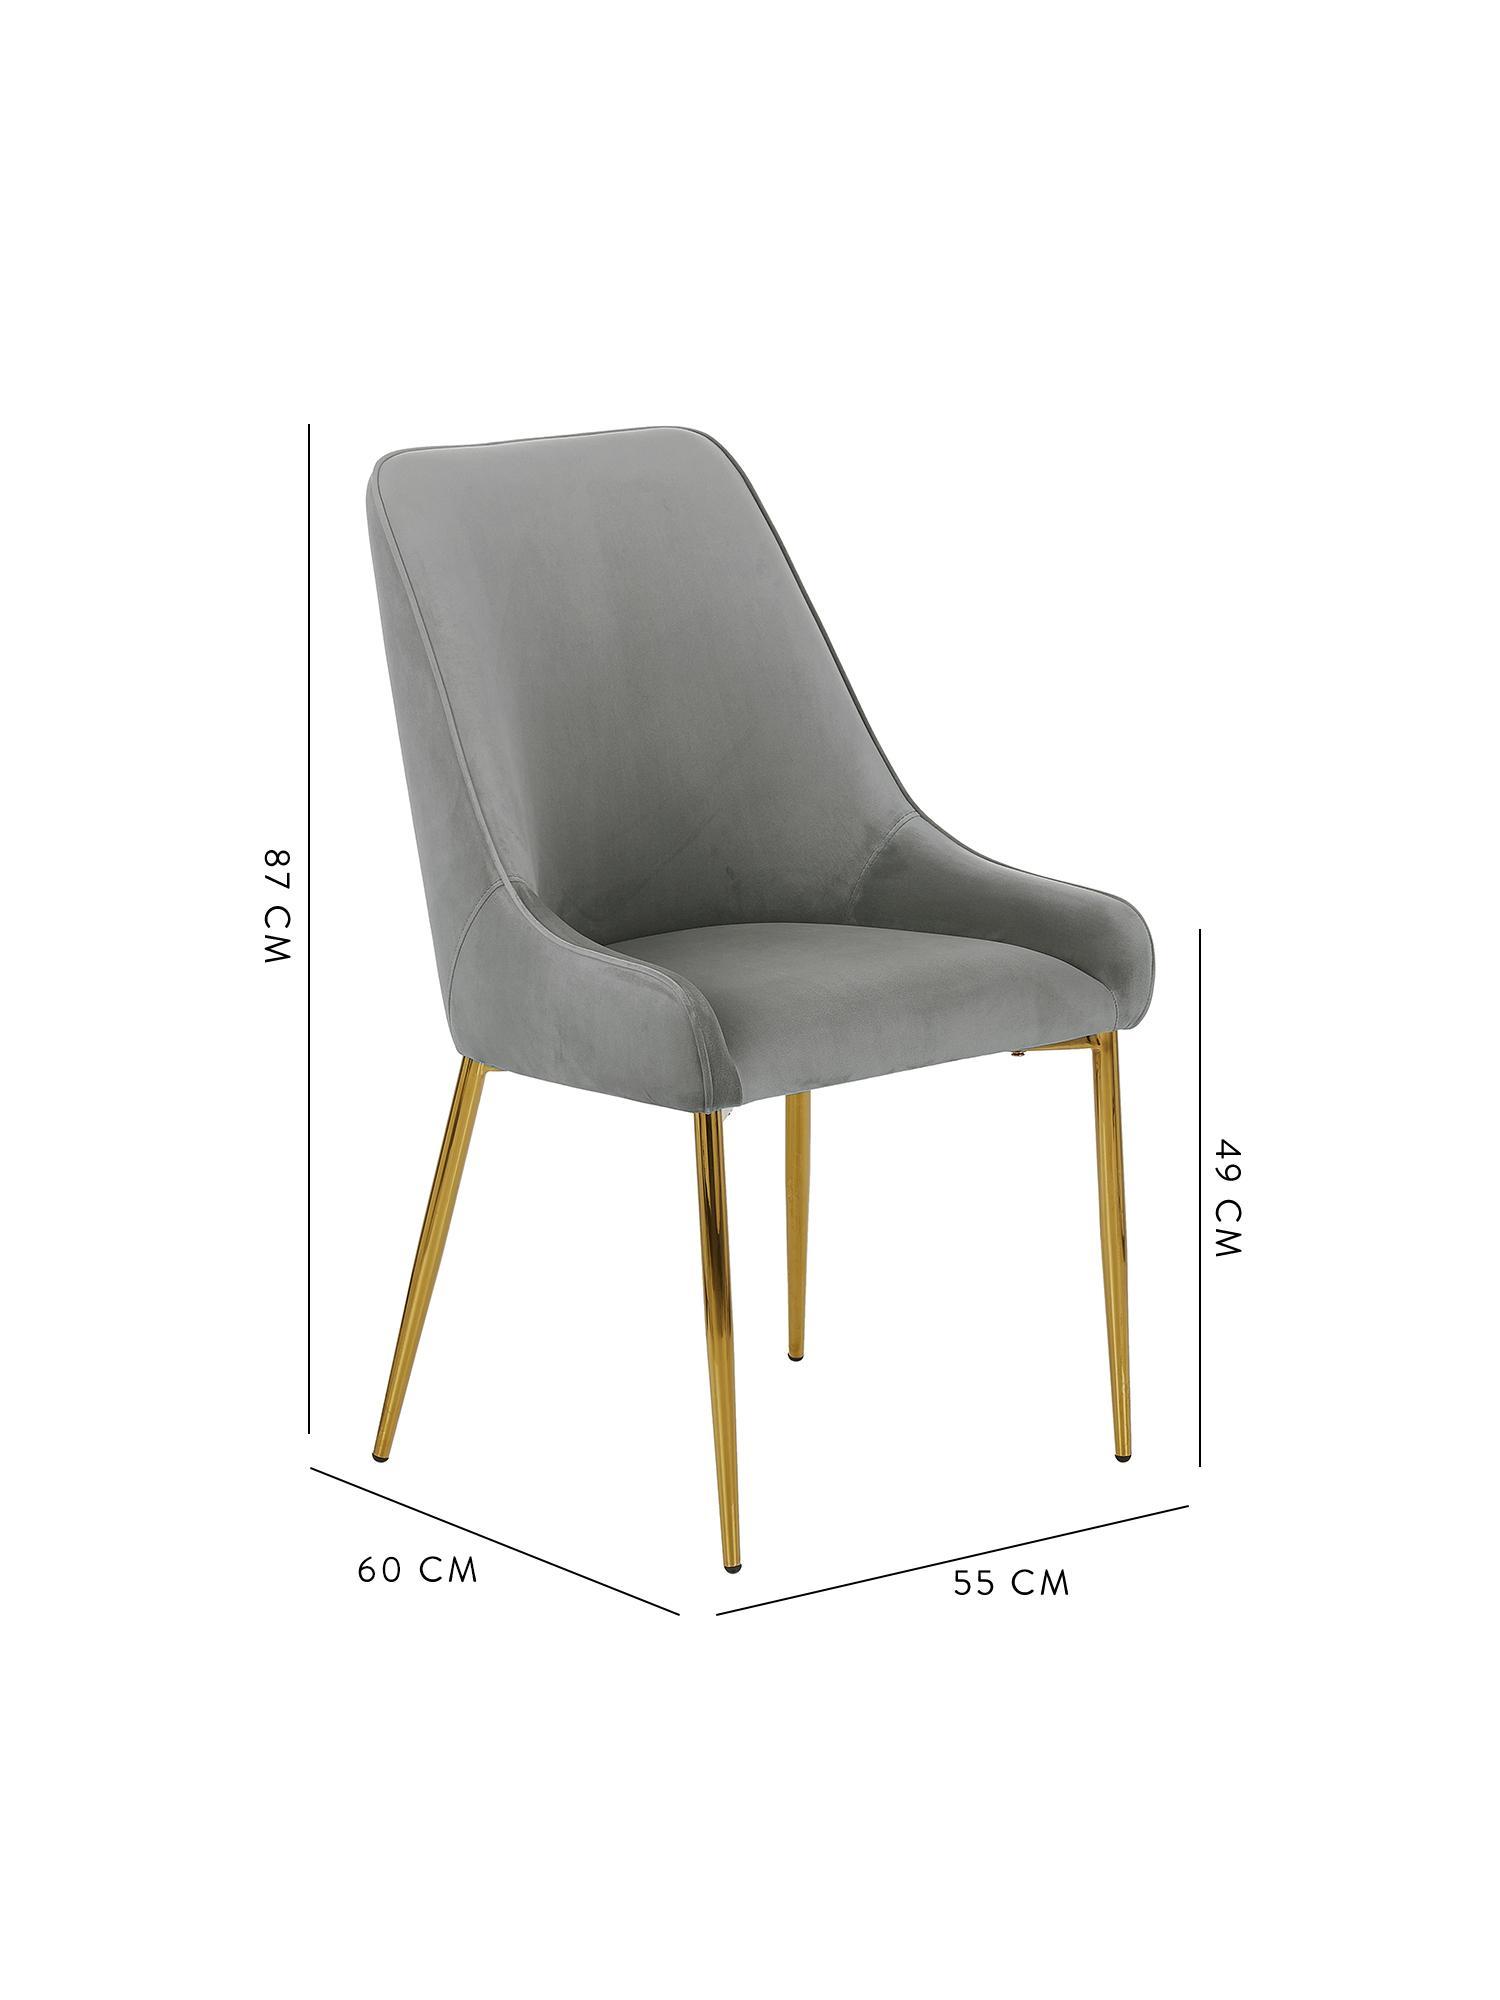 Chaise velours rembourré moderneAva, Velours gris